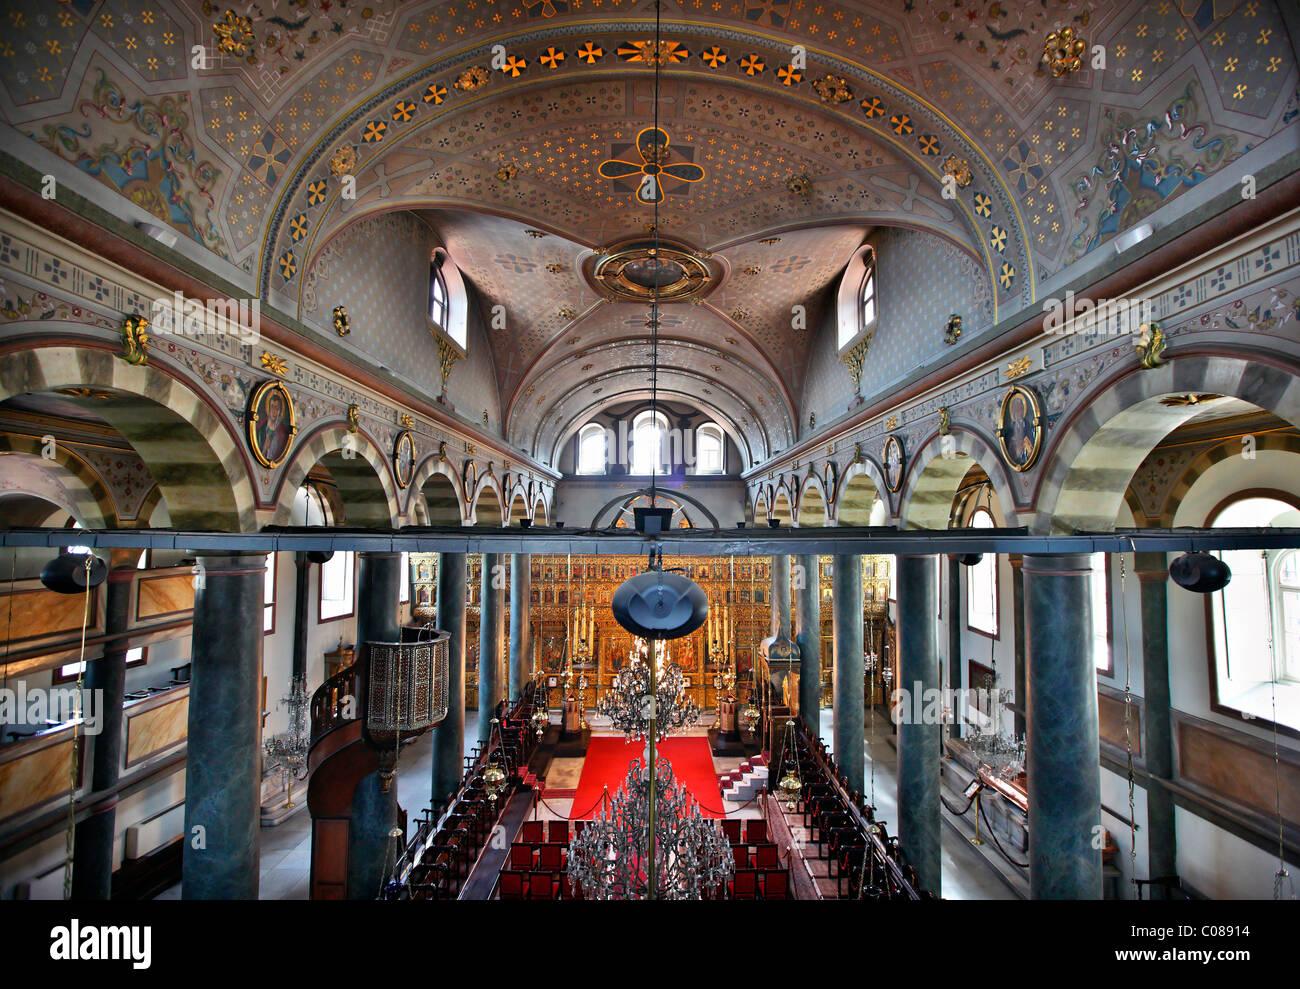 La Chiesa Patriarcale di San Giorgio, nel campo ecumenico Patriarcato Greco Ortodosso di Fener (Fanari), Istanbul, Turchia Foto stock - Alamy